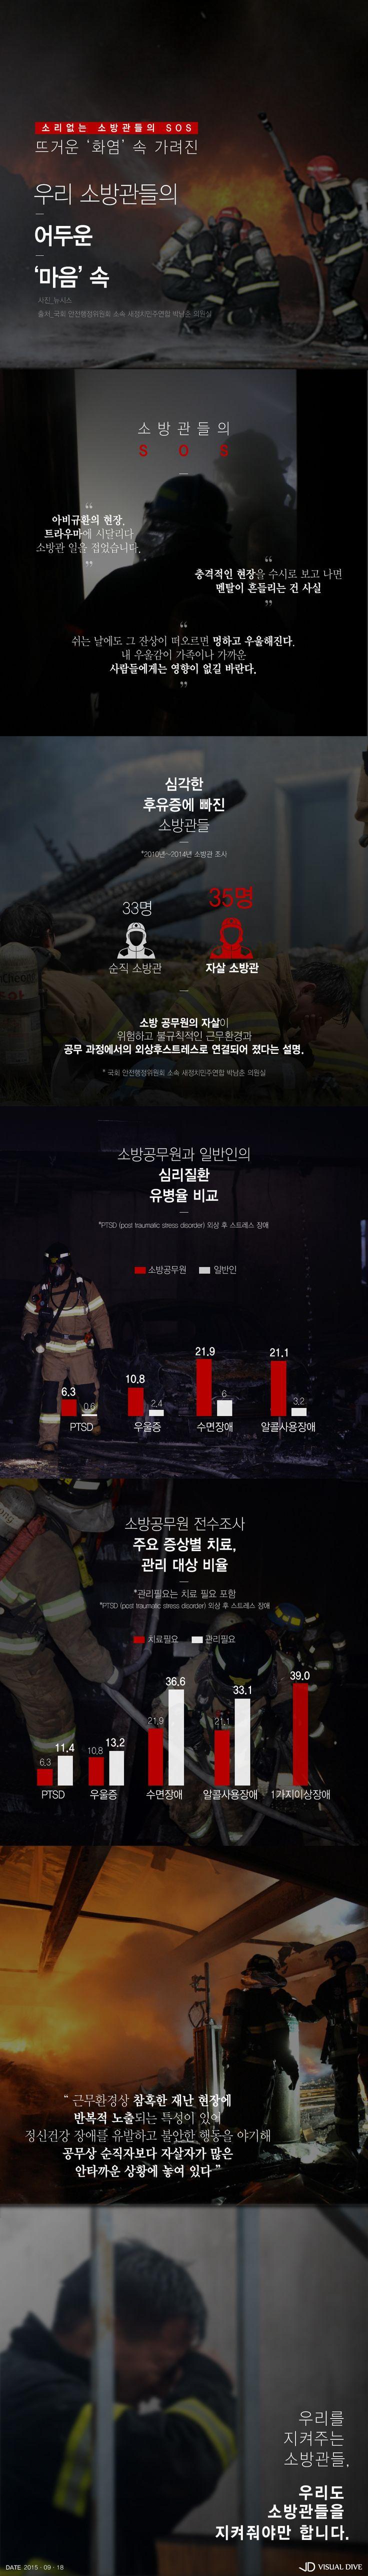 """소방관의 말 못할 속사정 … """"함께 지켜줍시다""""  [인포그래픽] #Firefighter / #Infographic ⓒ 비주얼다이브 무단 복사·전재·재배포 금지"""